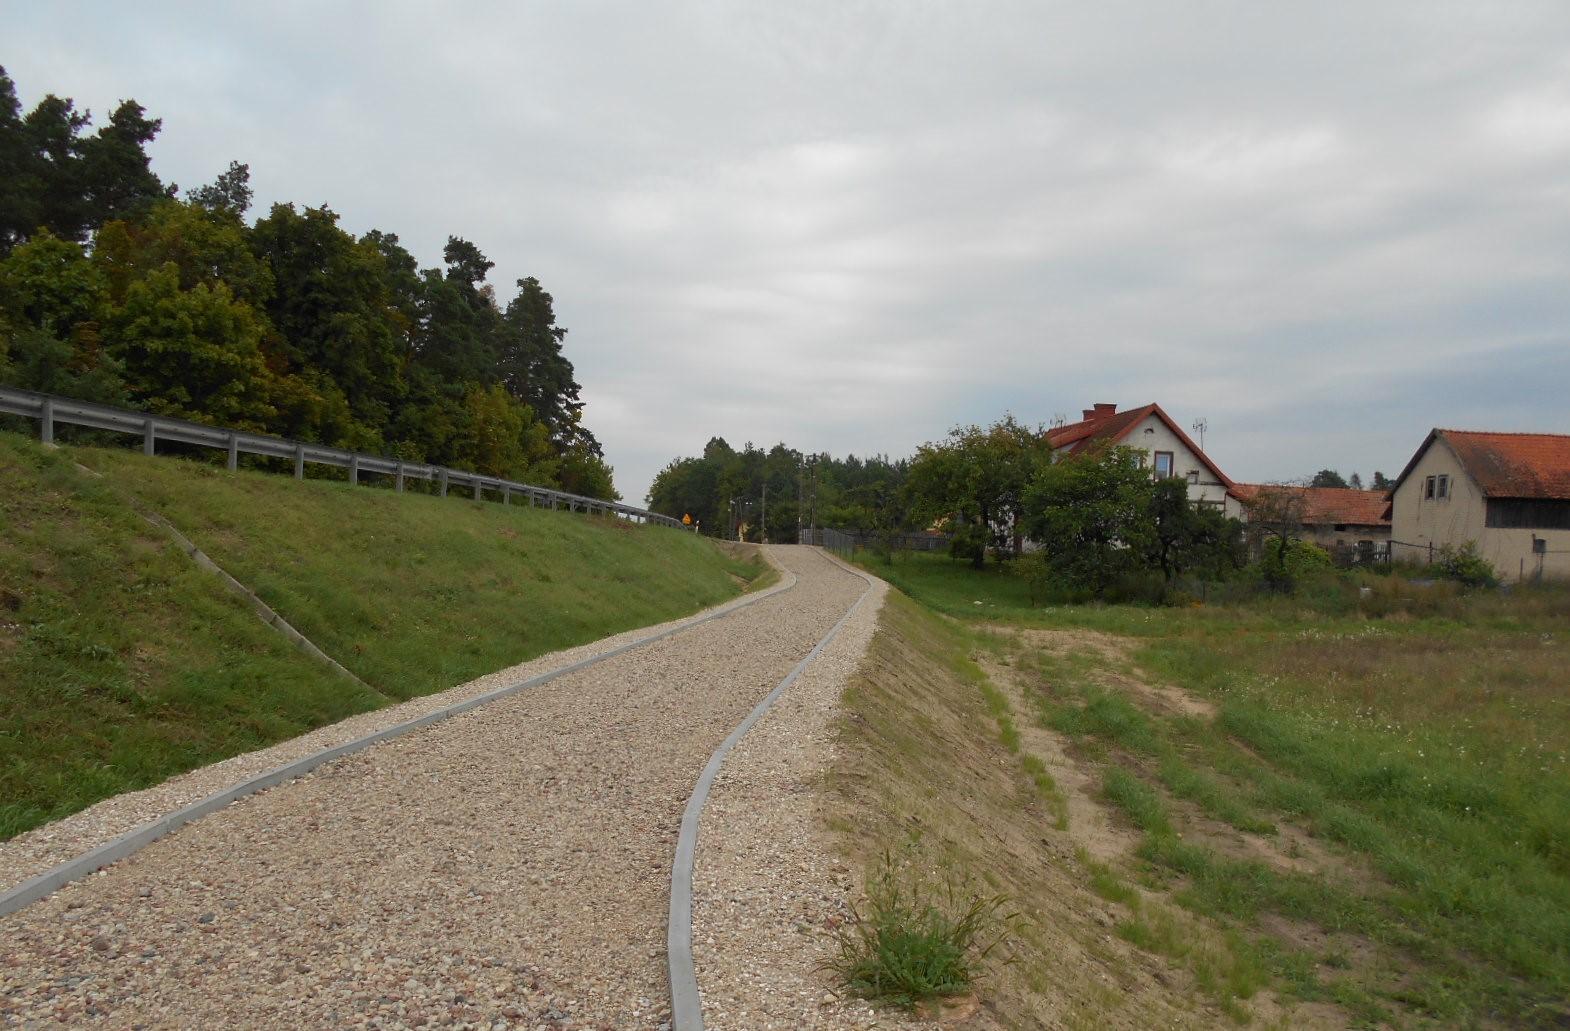 Postępy prac Mazurskiej Pętli Rowerowej przy drogach krajowych